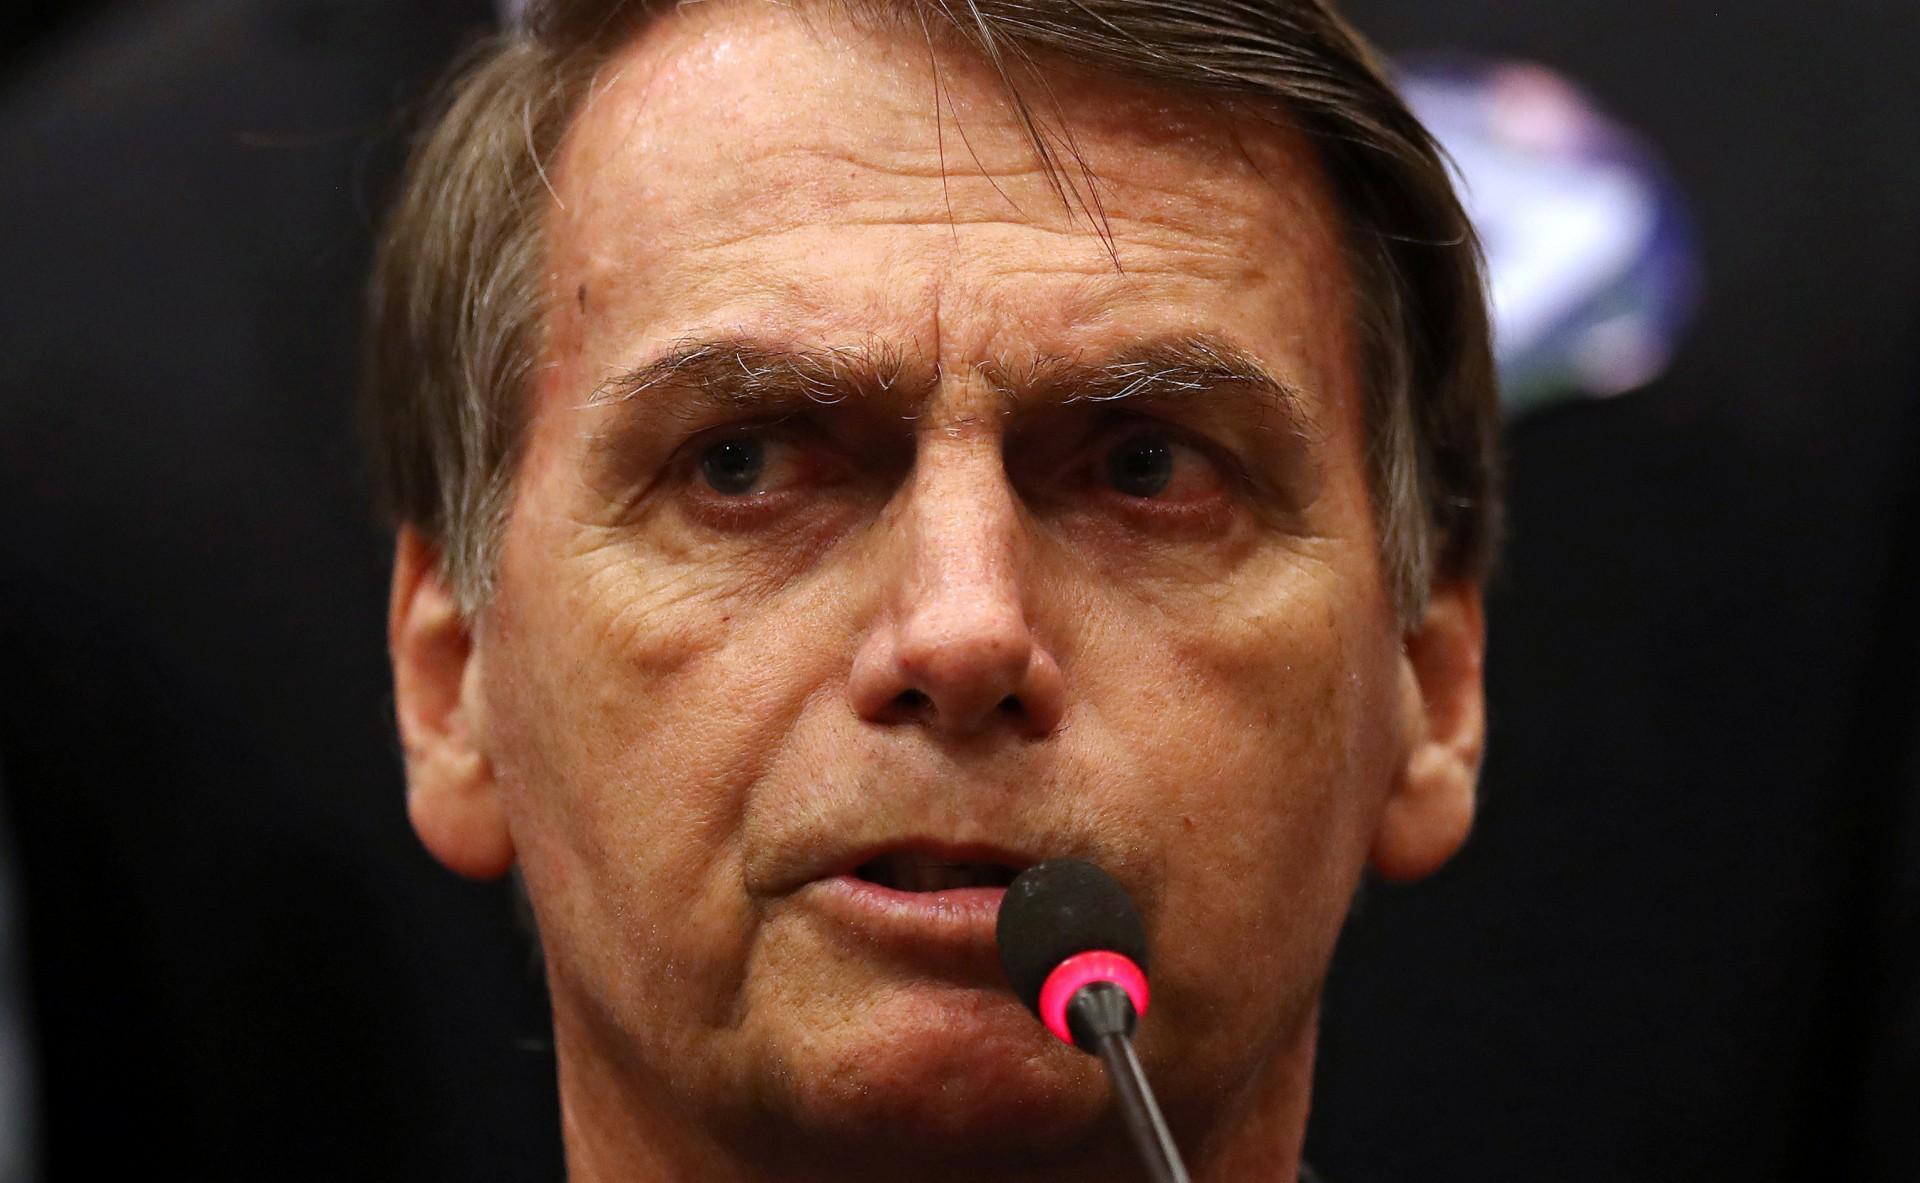 Jair Bolsonaro durante una conferencia de prensa el 11 de octubre (REUTERS/Ricardo Moraes)